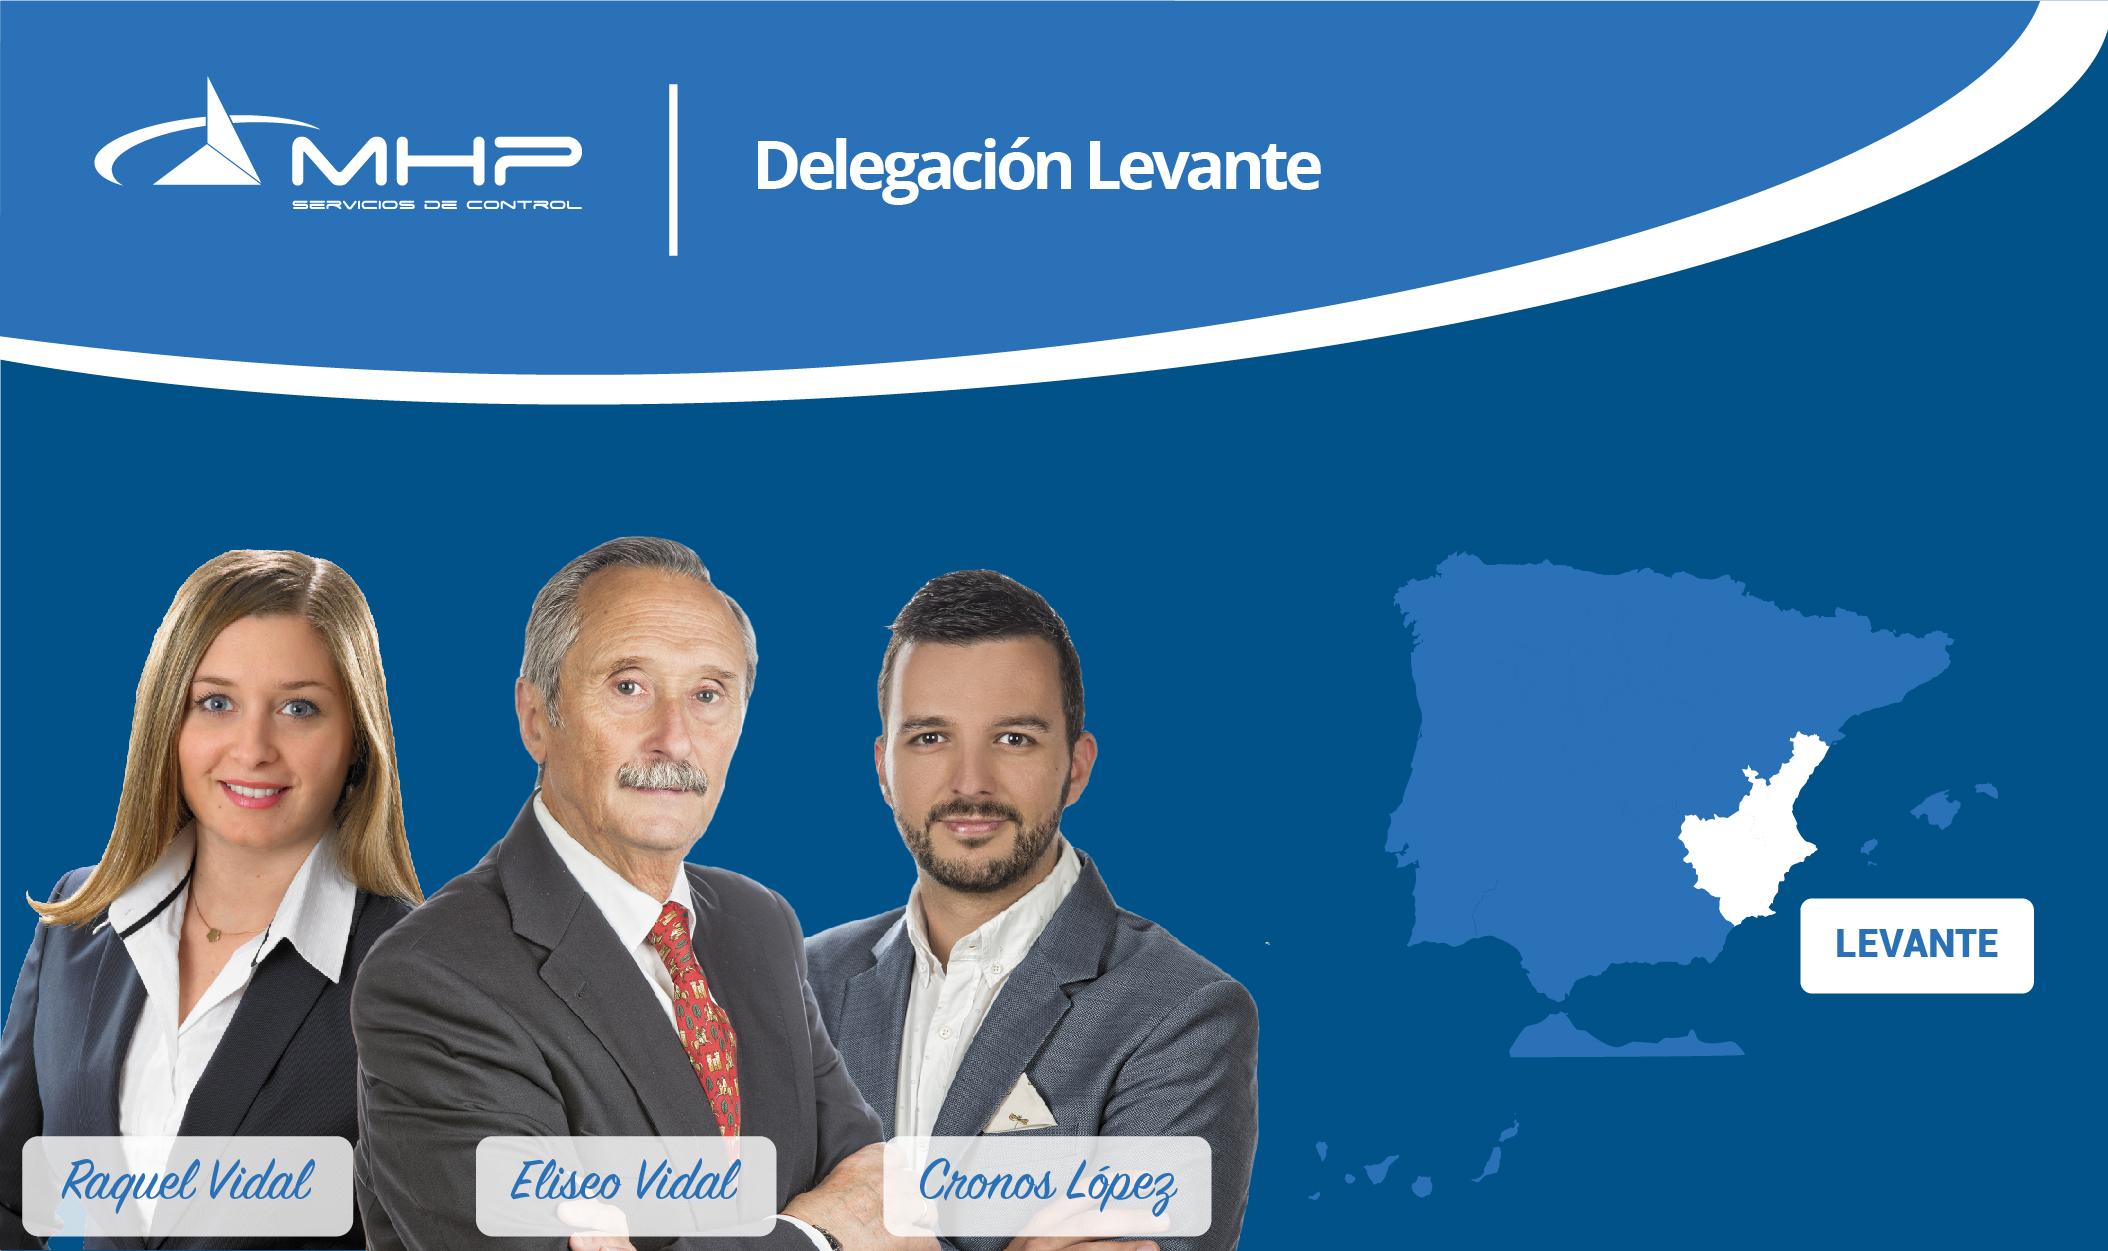 Delegación Levante - Raquel Vidal, Eliseo Vidal y Cronos López